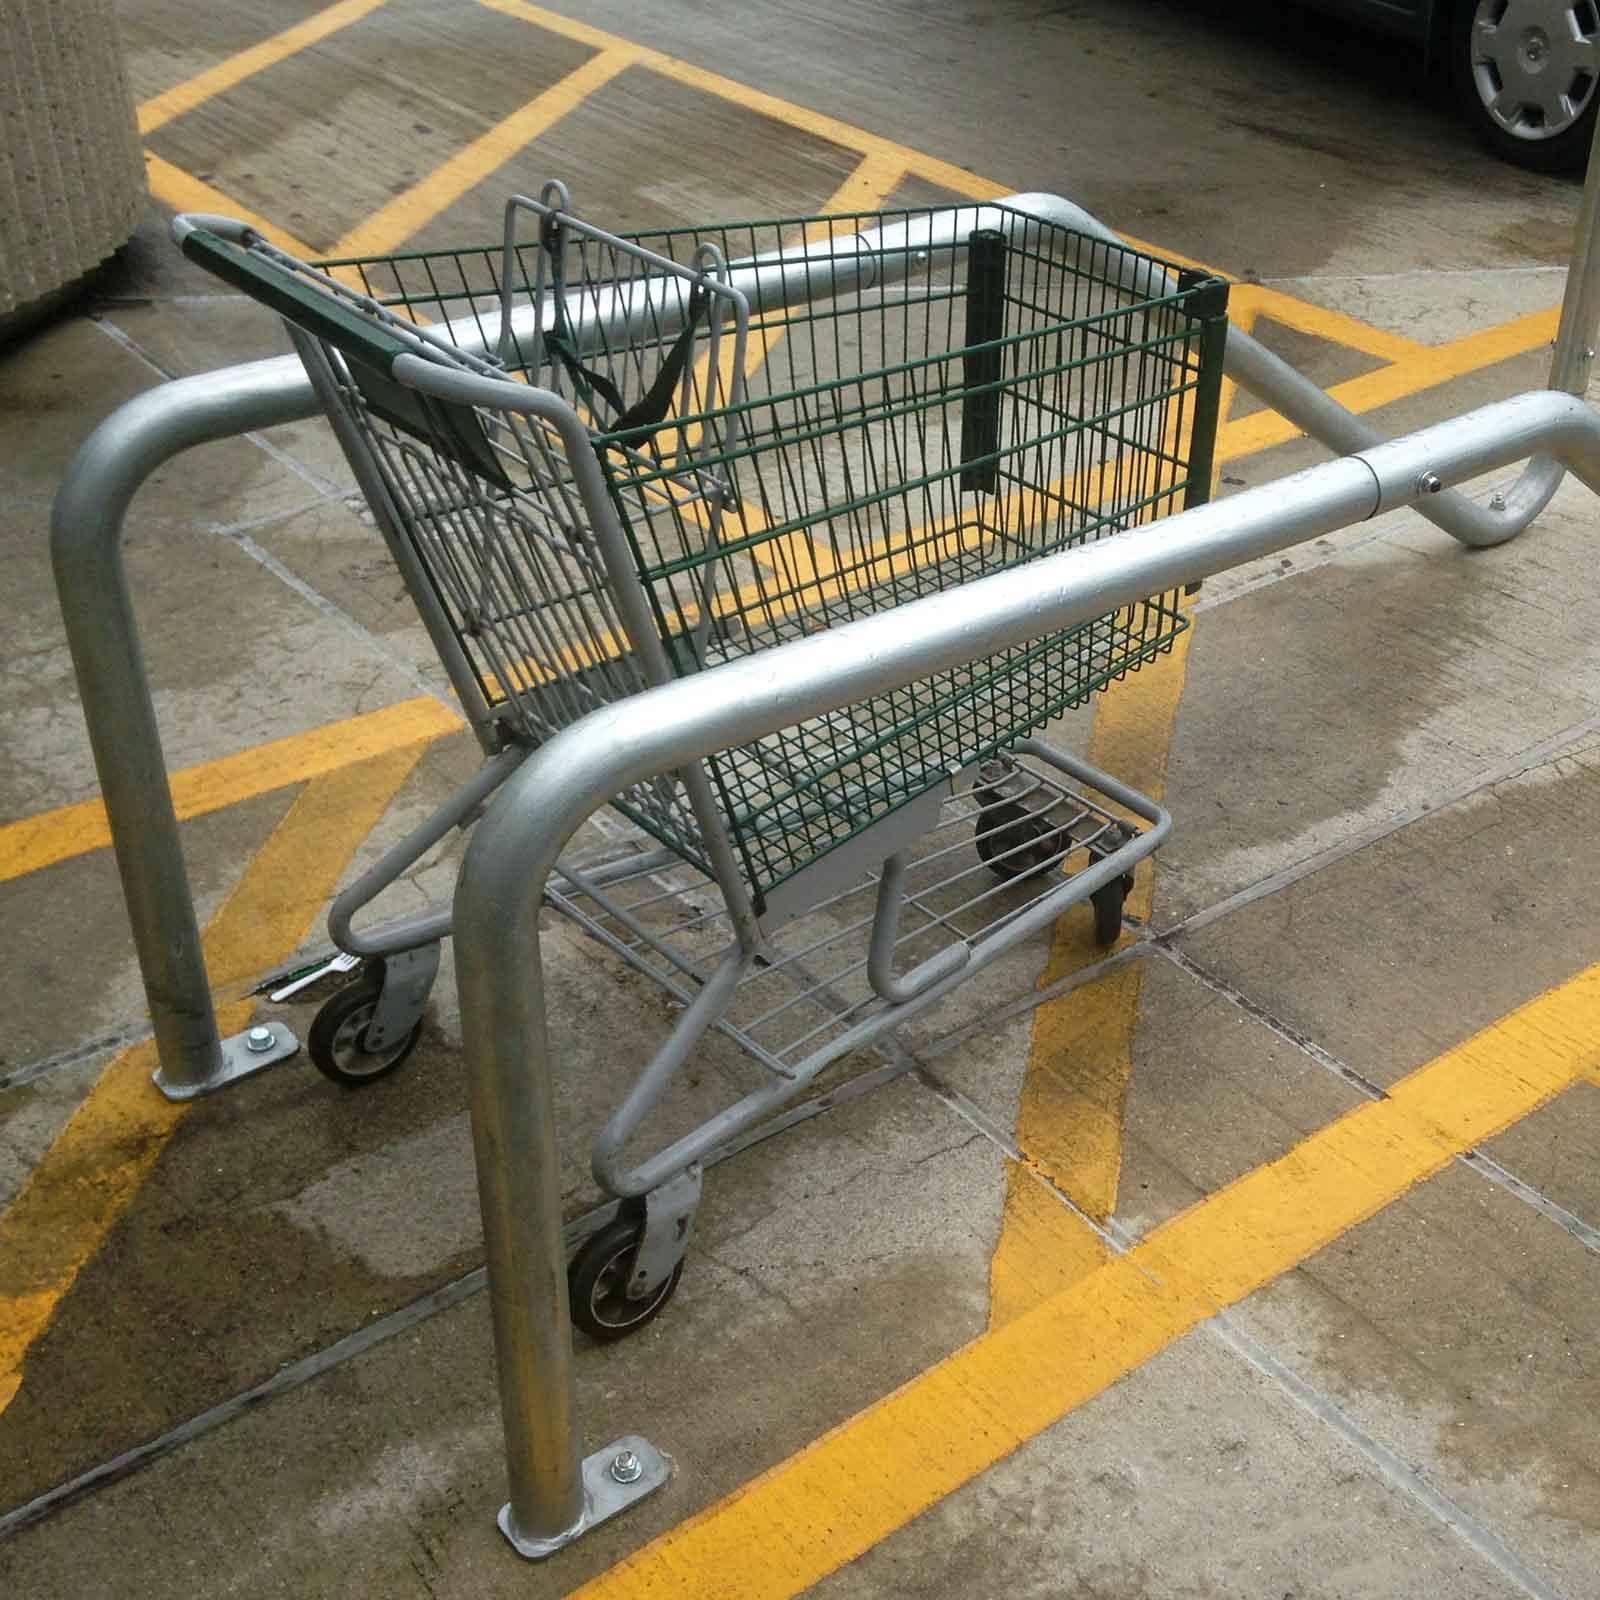 McCue Cart Corral On Sidewalk